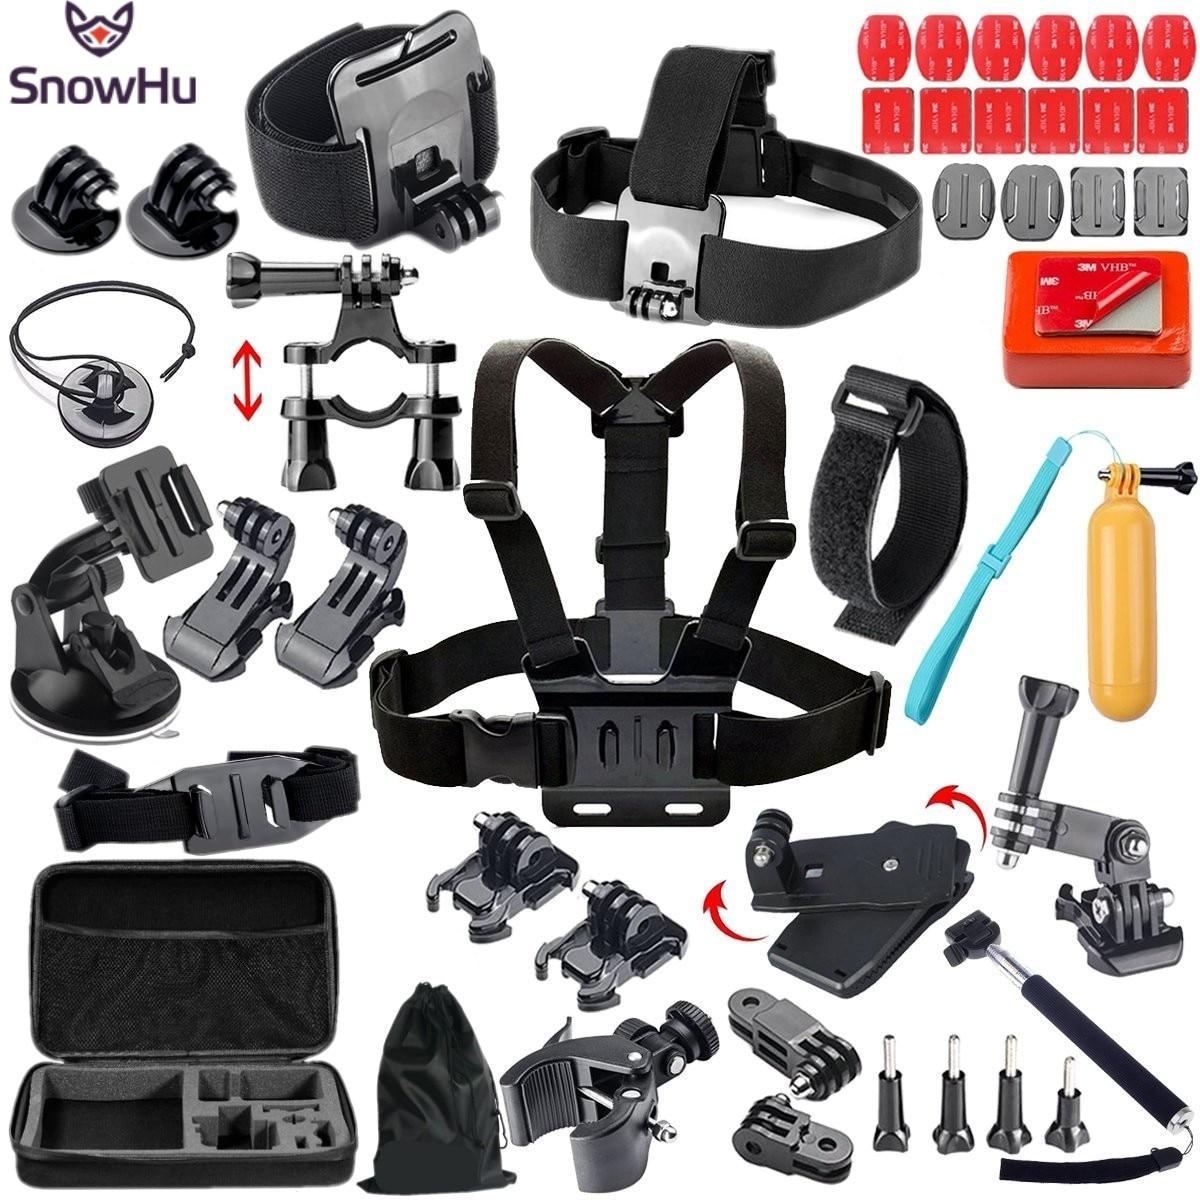 Handheld Monopod Clamp Set for GoPro New Hero //HERO7 //6//5 //4//3+ //3//2 //1 // SJ4000 Durable 8 in 1 Chest Belt Wrist Belt Floating Bobber Monopod Screws Head Strap Carry Bag